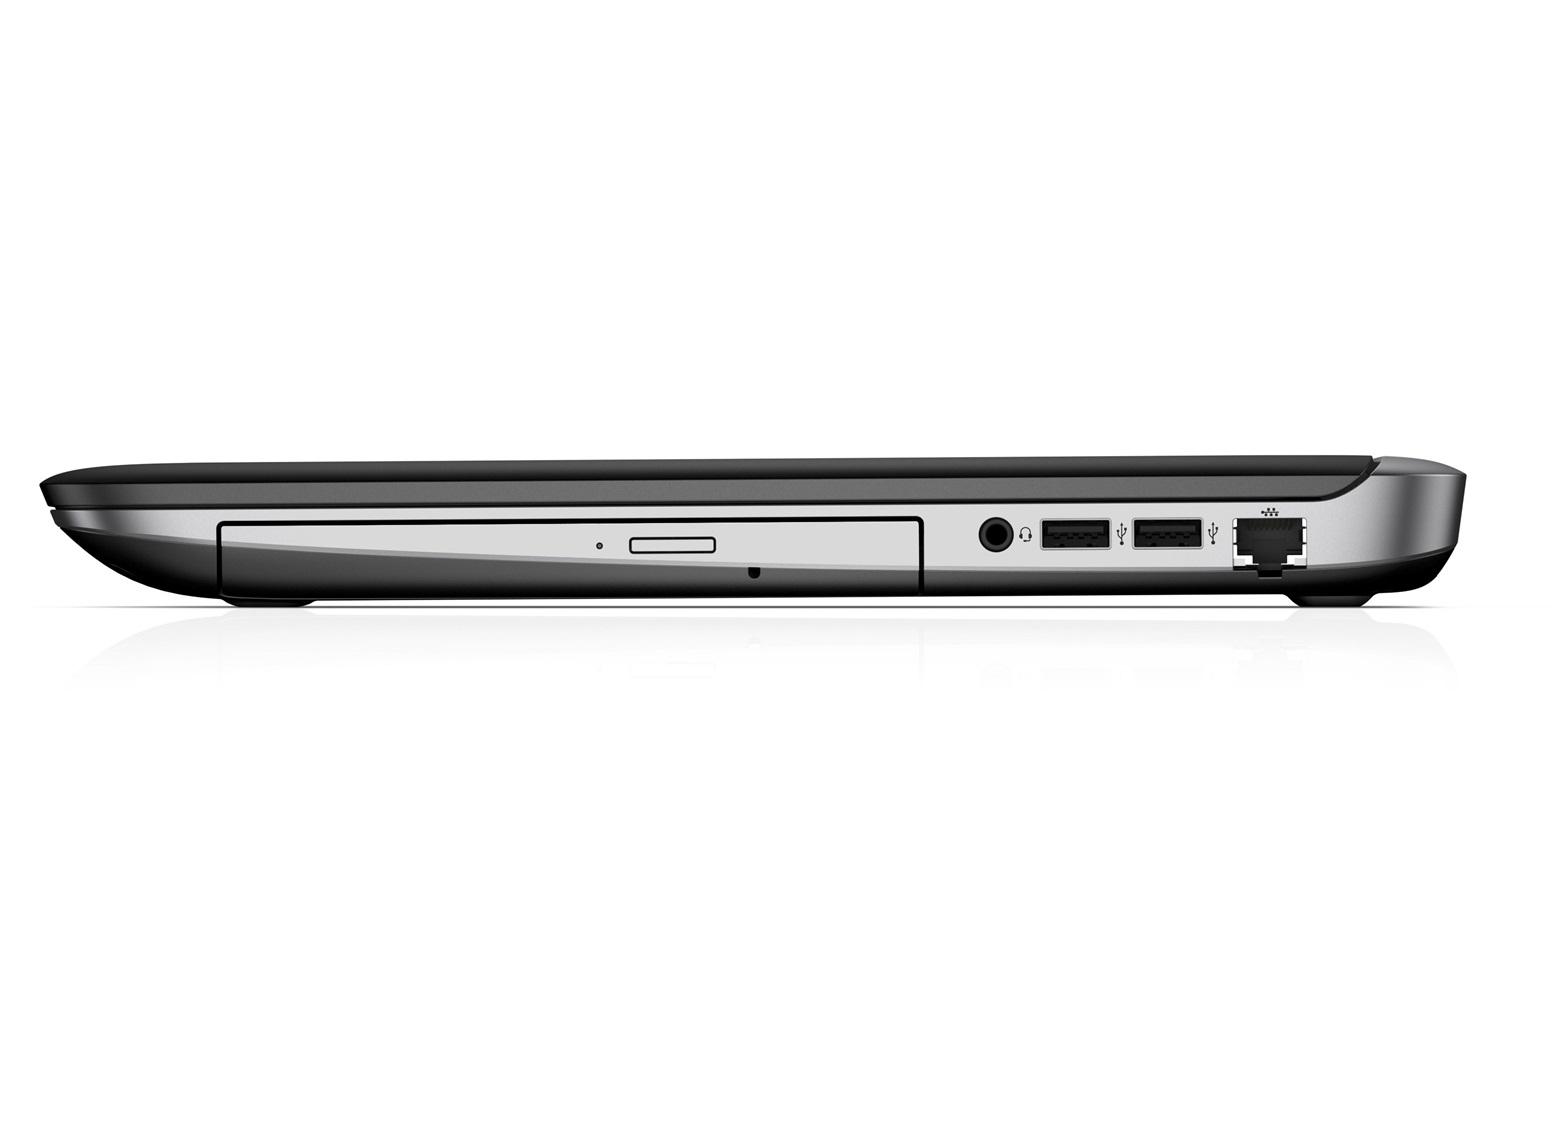 HP ProBook 450 G3 W4P30ET#ABU Core i5-6200U 4GB 128GB SSD DVDRW 15 6IN BT  CAM Win 7/10 Pro